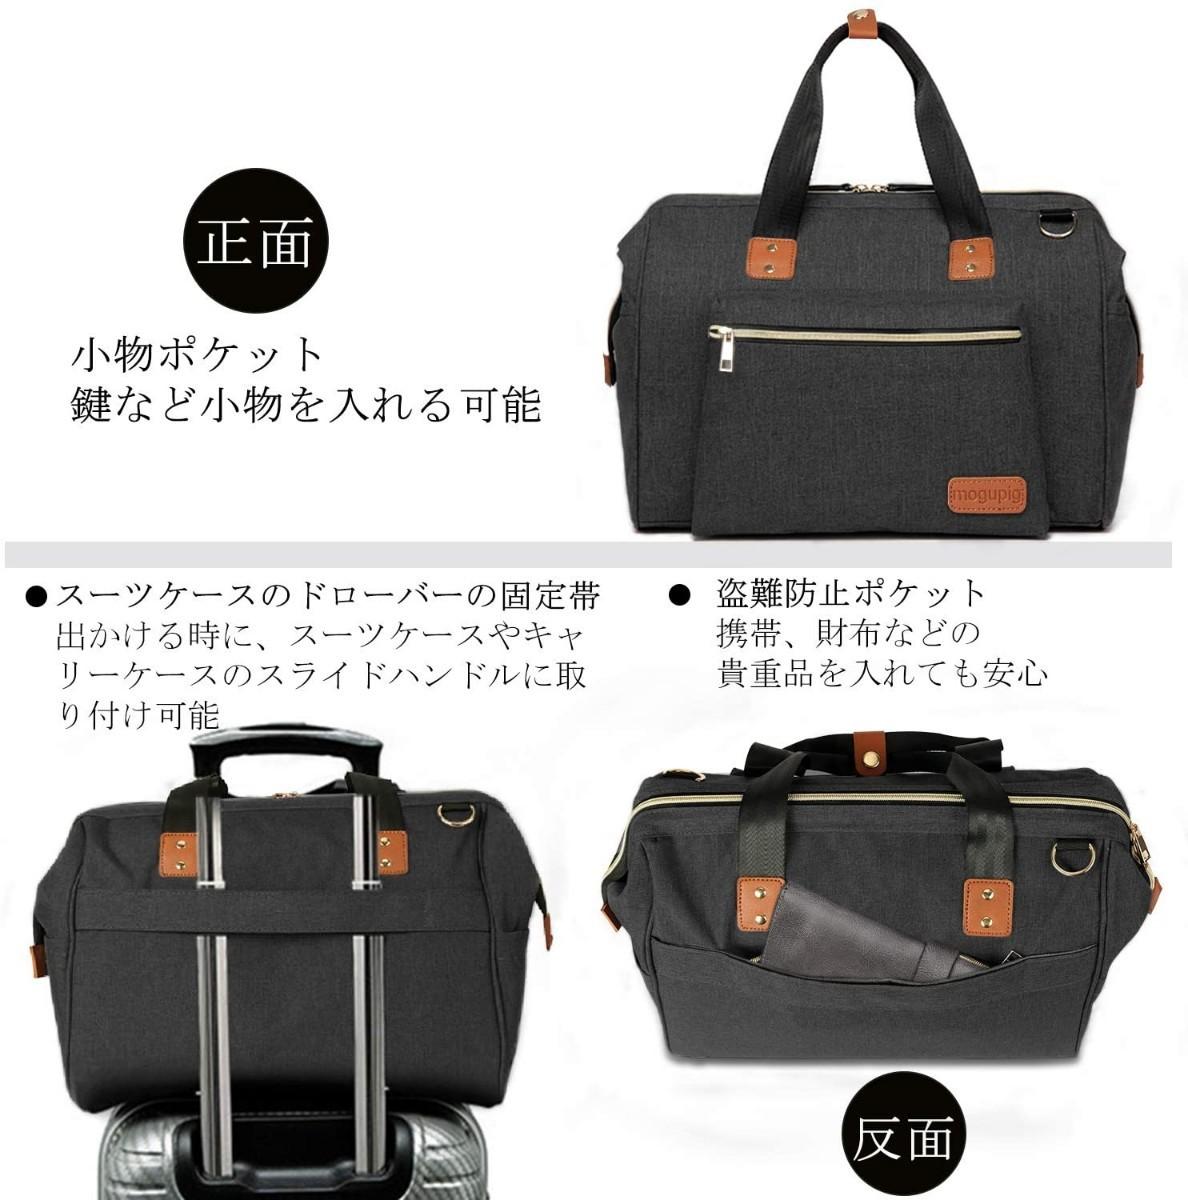 【人気商品】トートバッグ マザーズバッグ 大容量 収納 多機能 軽量